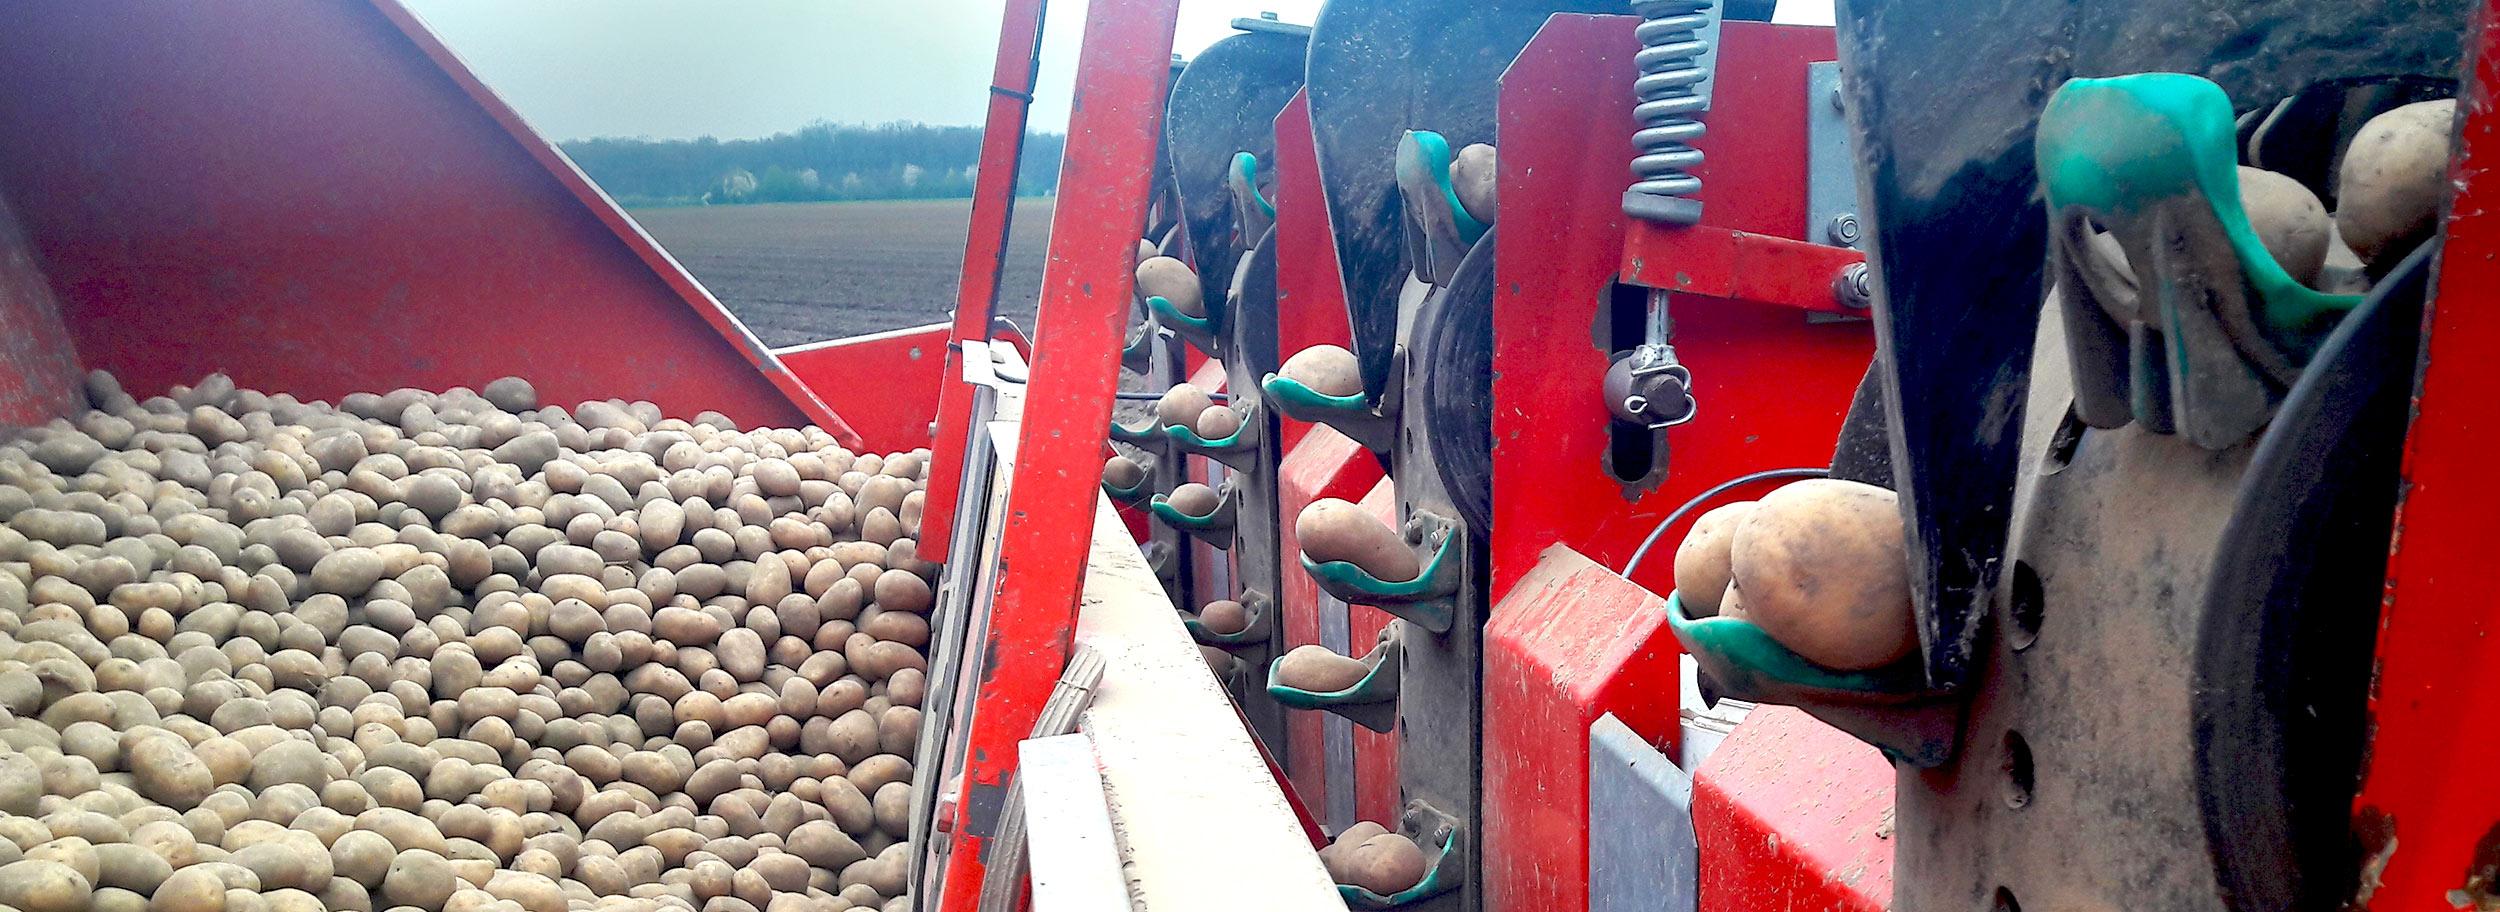 biolandbau_biogemuese_kemper_anbau_002